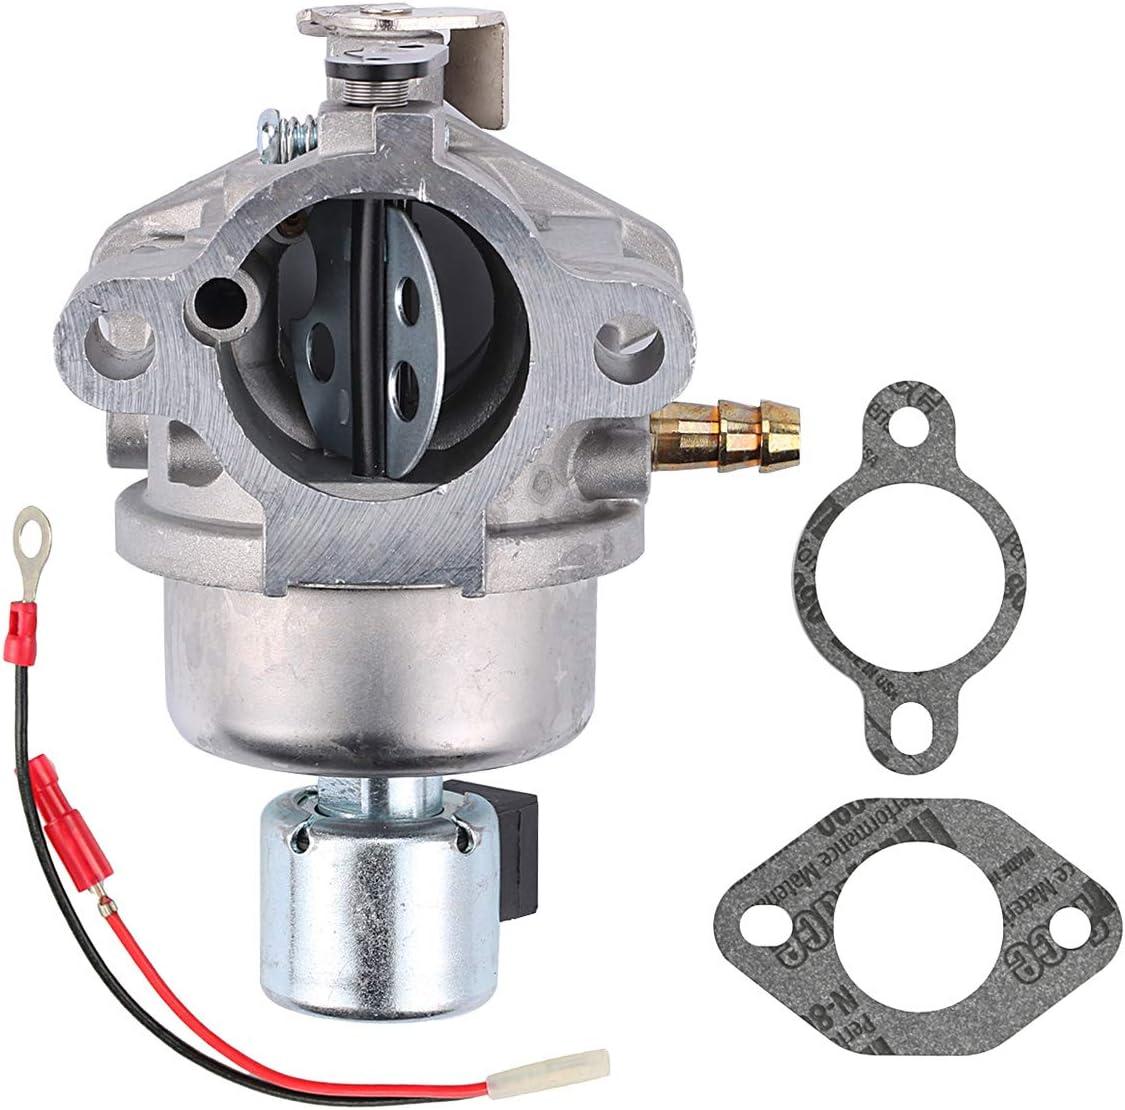 Amazon.com: Mannial Carburetor Carb Fit Kohler SV470 SV530 ...